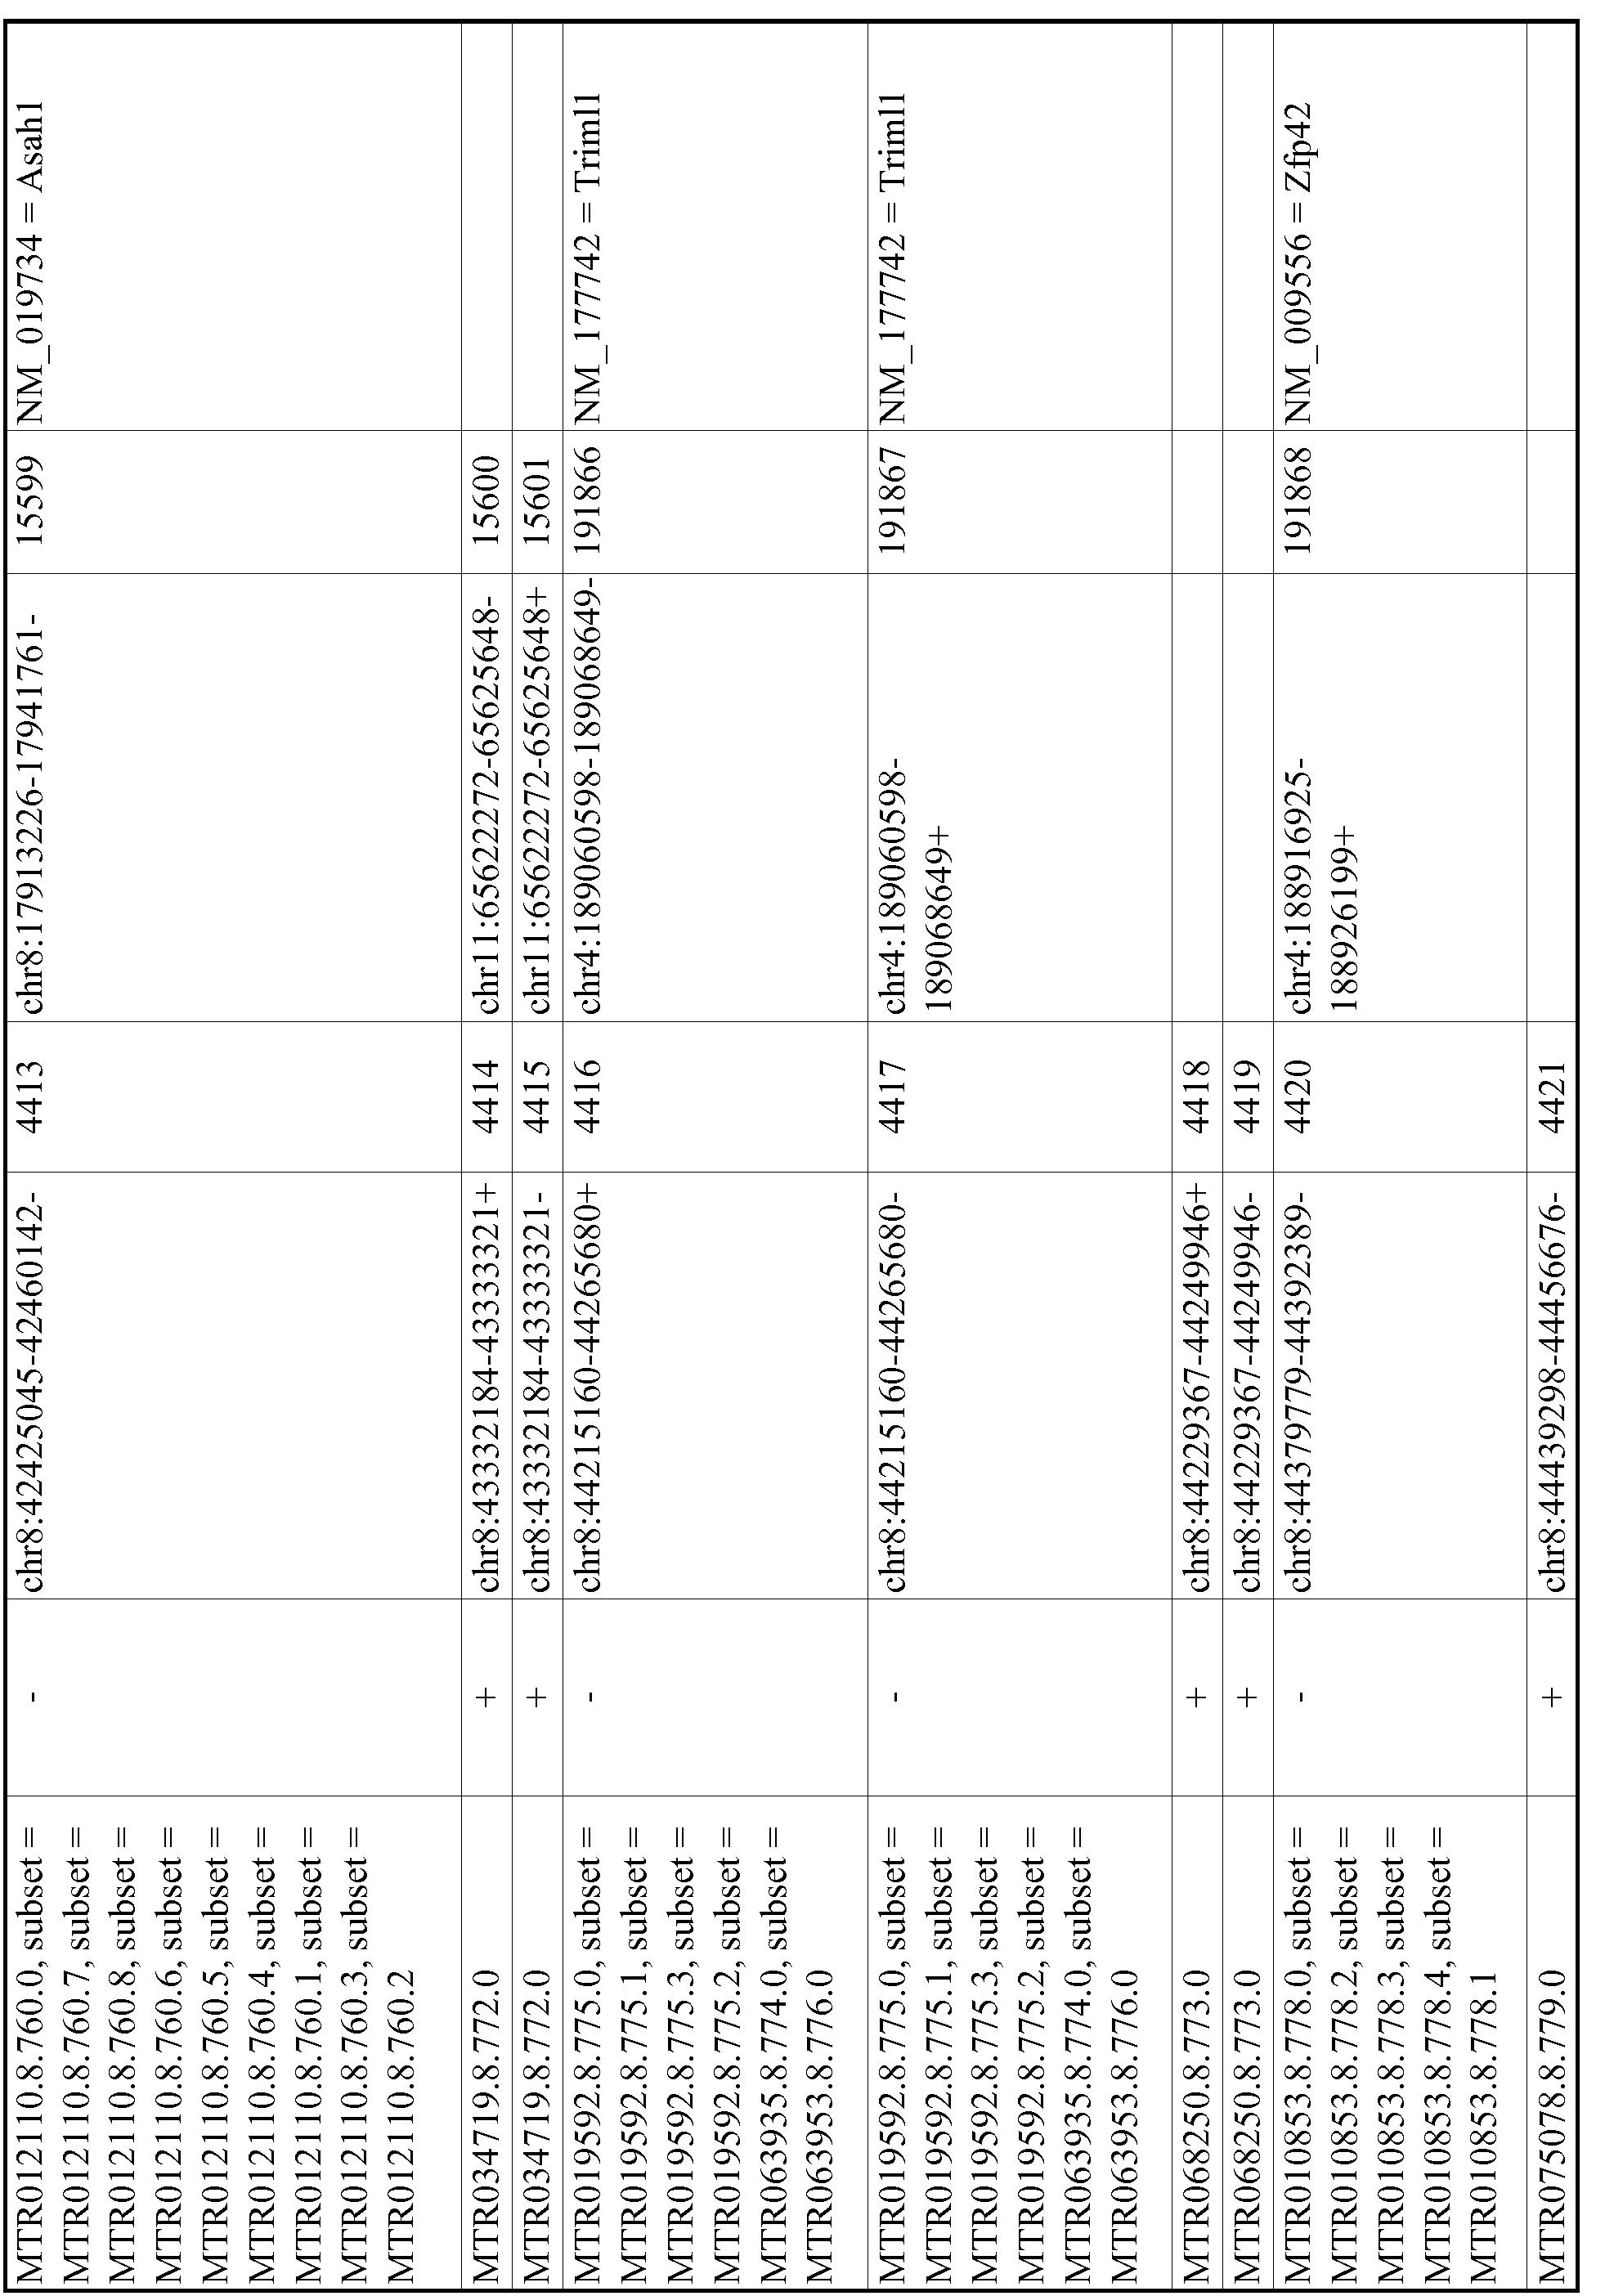 Figure imgf000824_0001